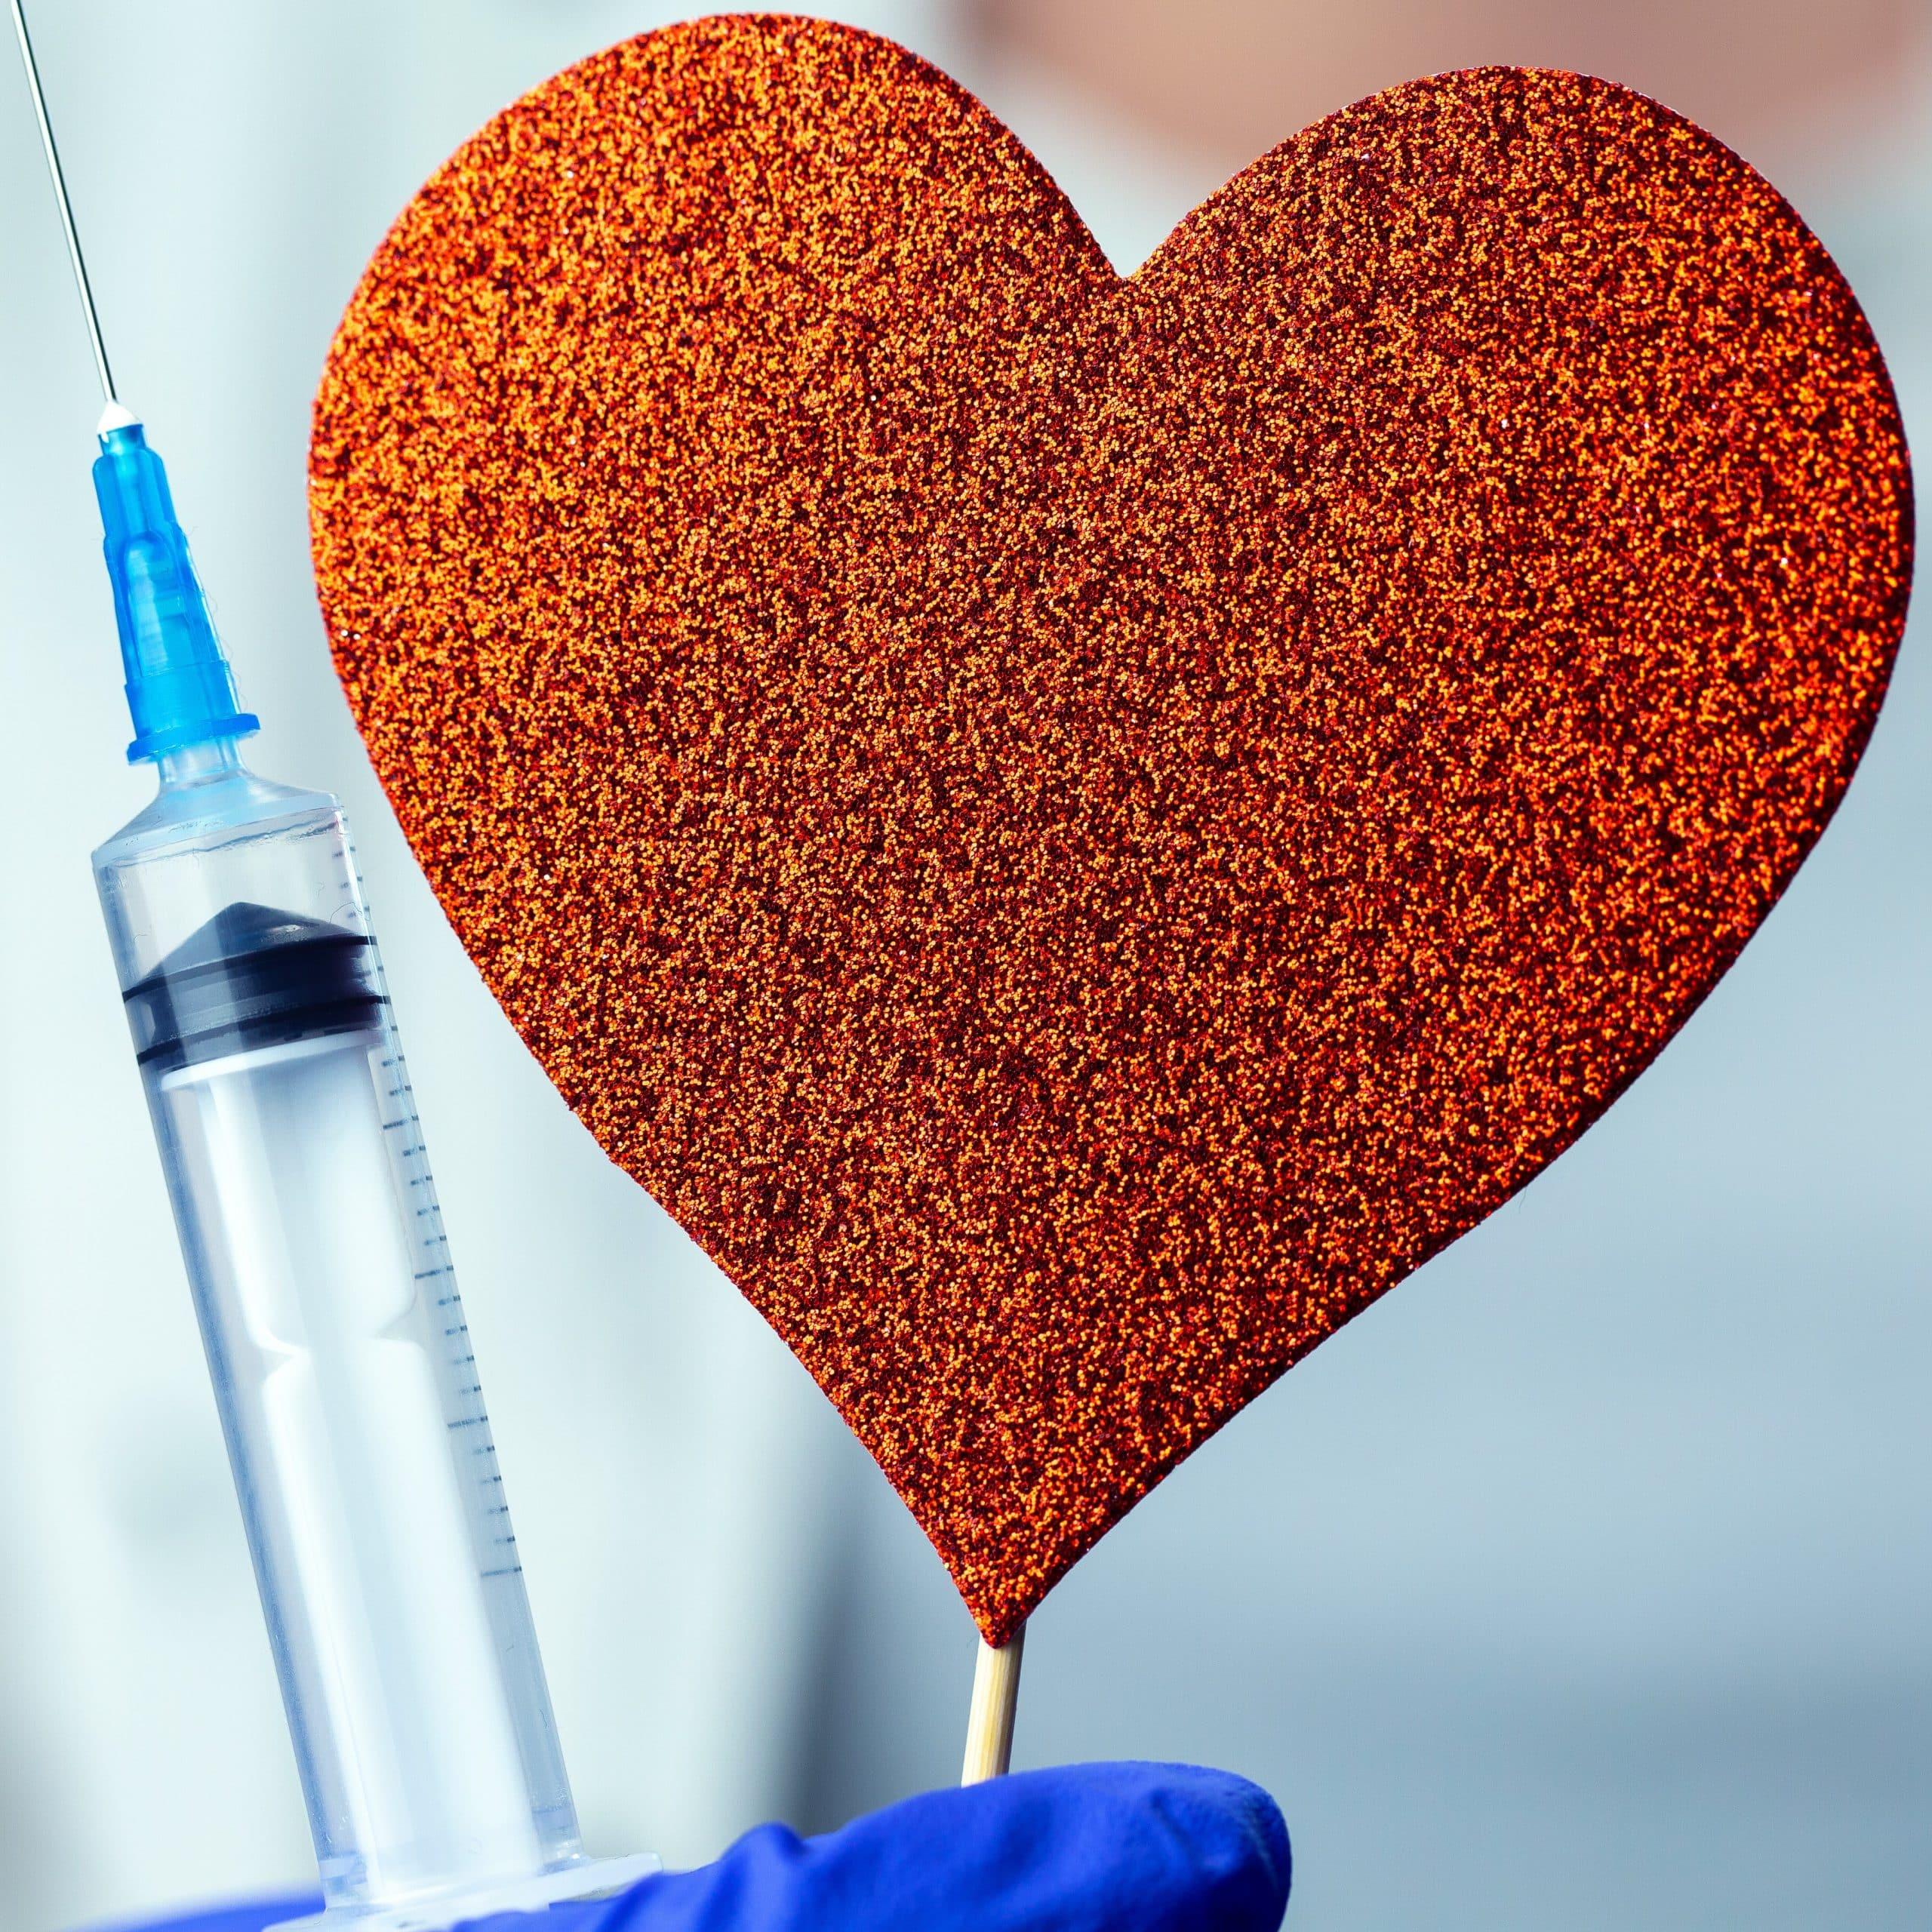 Jeder dritte Mensch, der wegen einer COVID-19-Erkrankung stationär behandelt werden muss, hat kardiovaskuläre Vorerkrankungen.